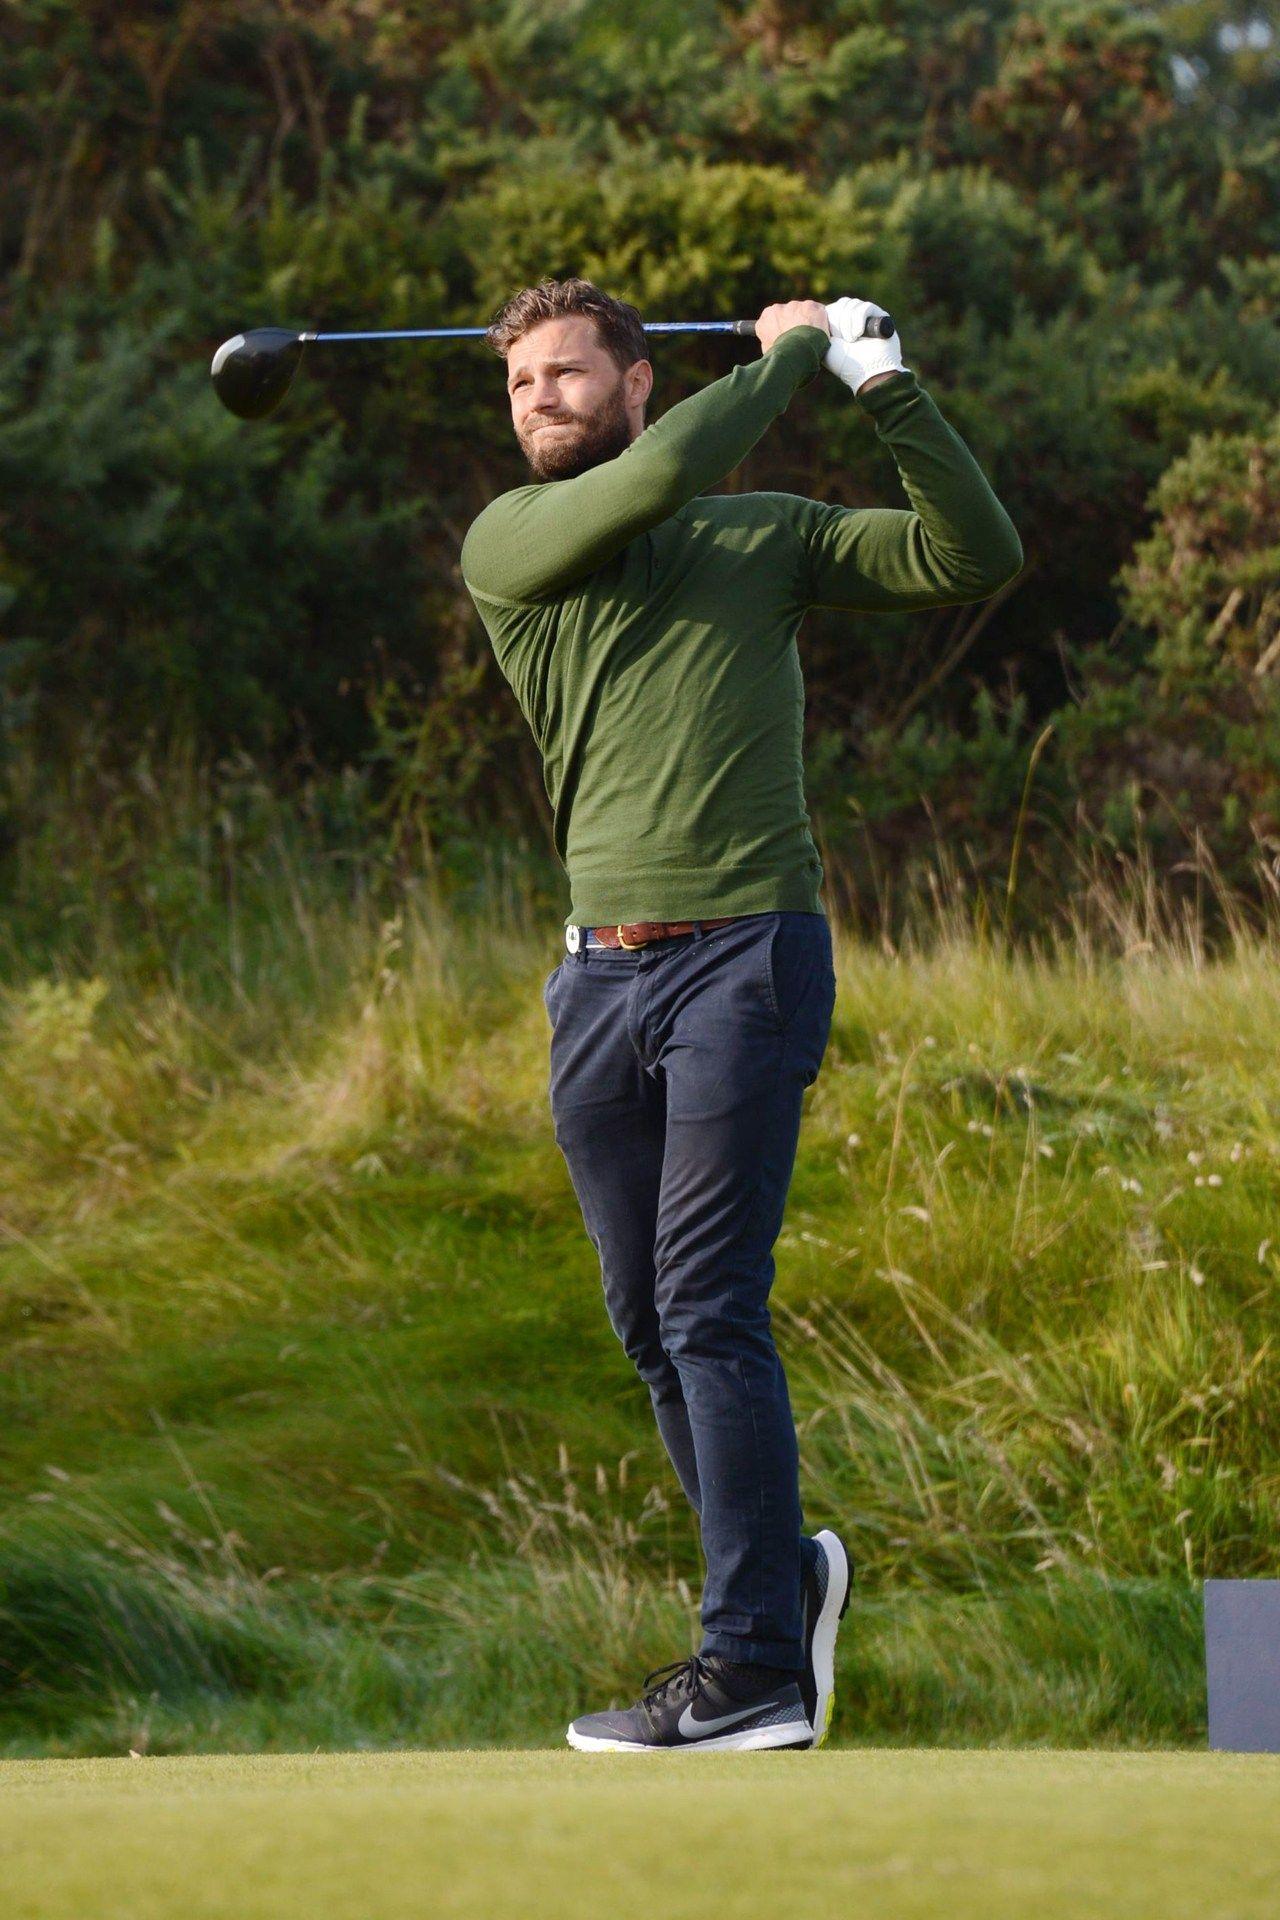 This Week In Pictures 05/10/2015 Jamie dornan, Golf